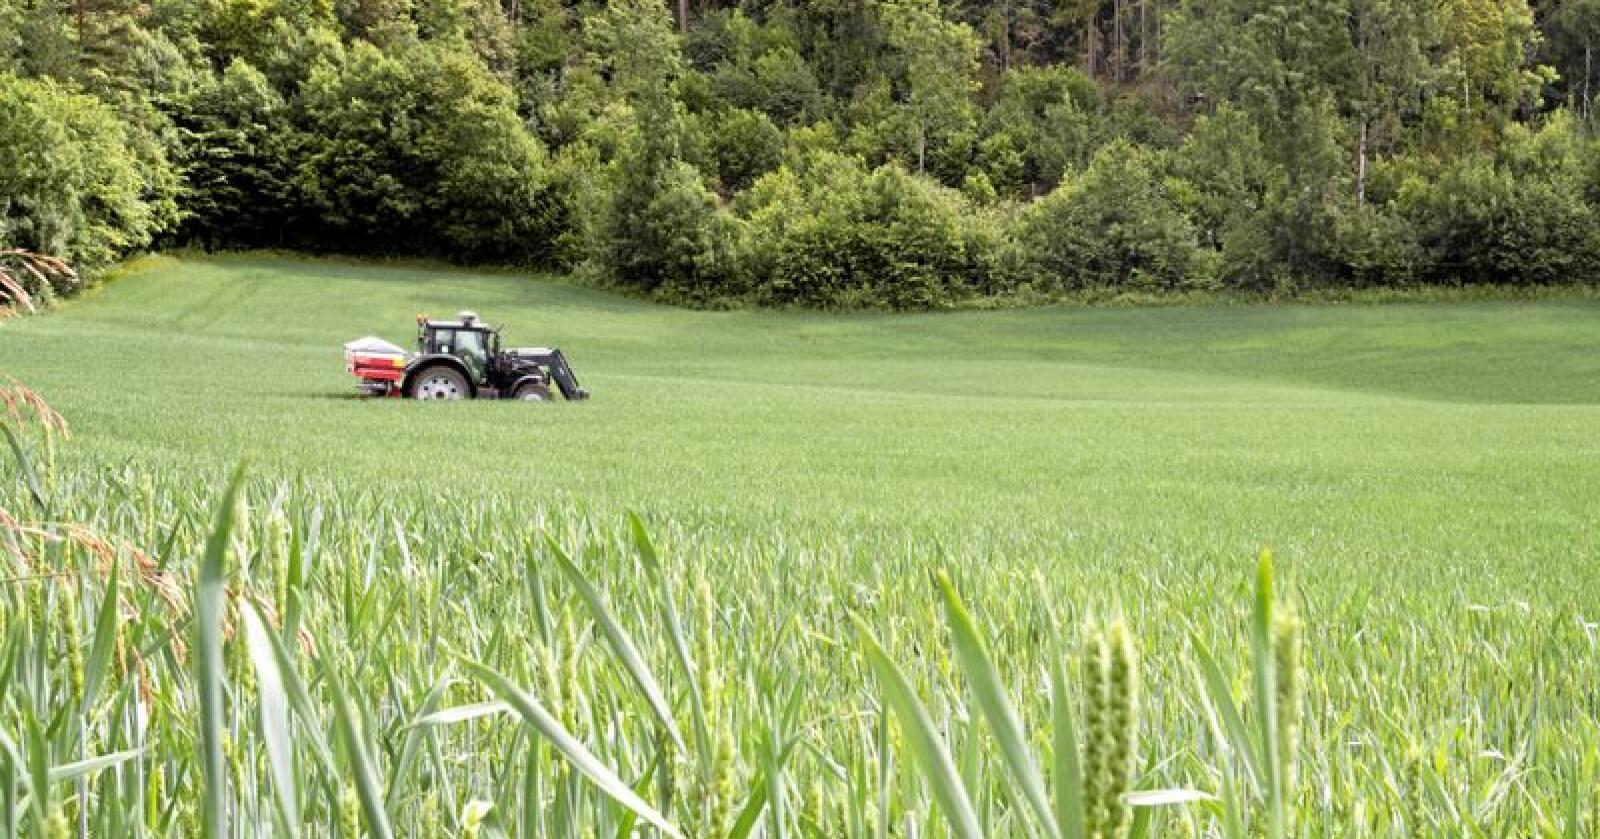 Gjødsel: Fosfor er et mineral verden snart går tom for. Men det finnes nye løsninger på gjødselbehovet, skriver kronikkforfatterne. Foto: Terje Bendiksby / NTB scanpix